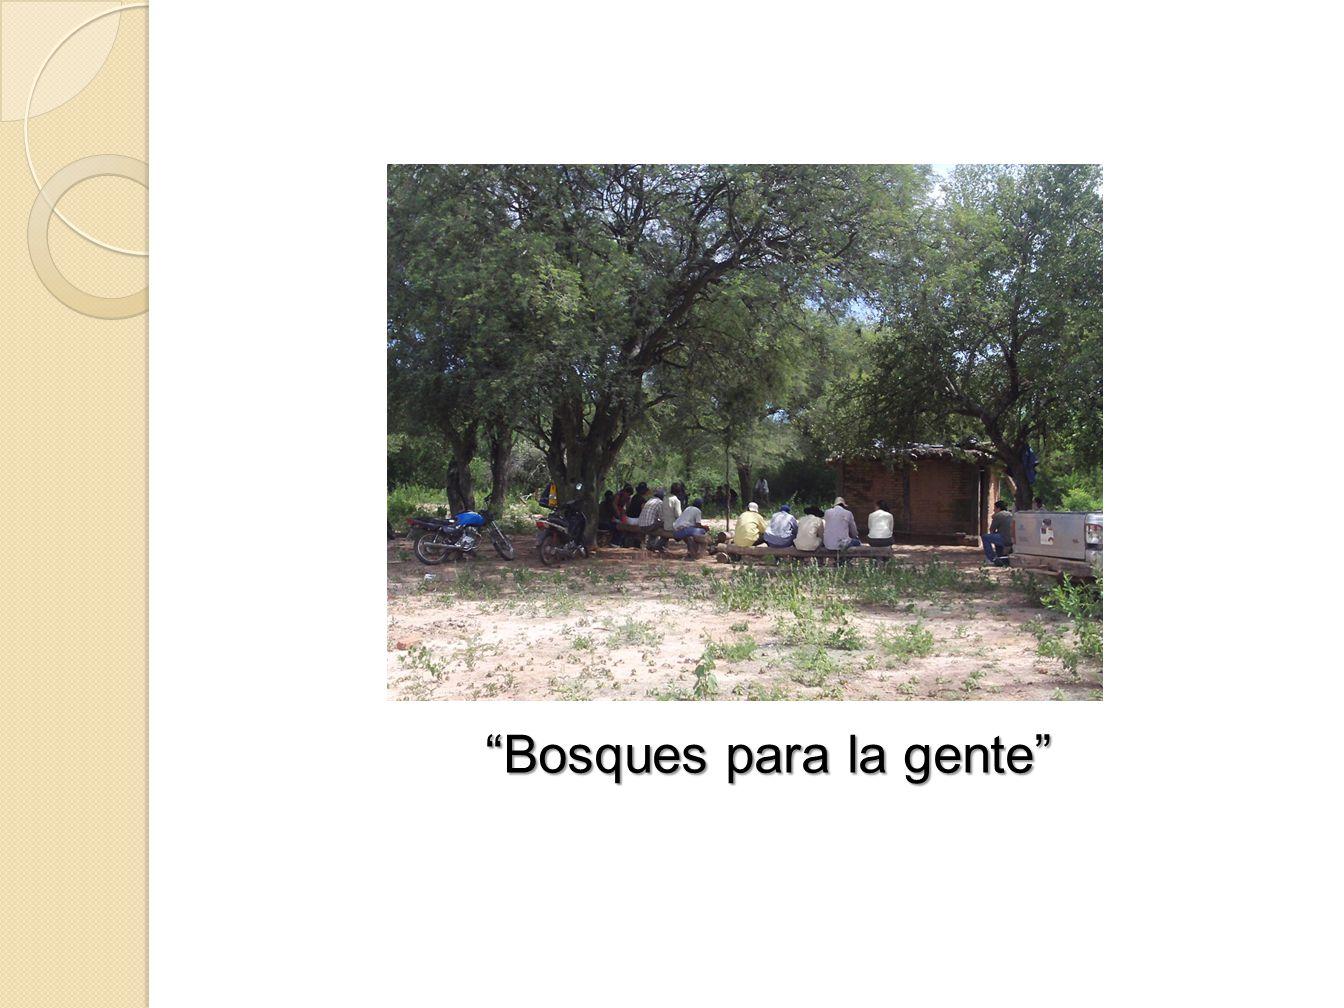 Bosques para la gente